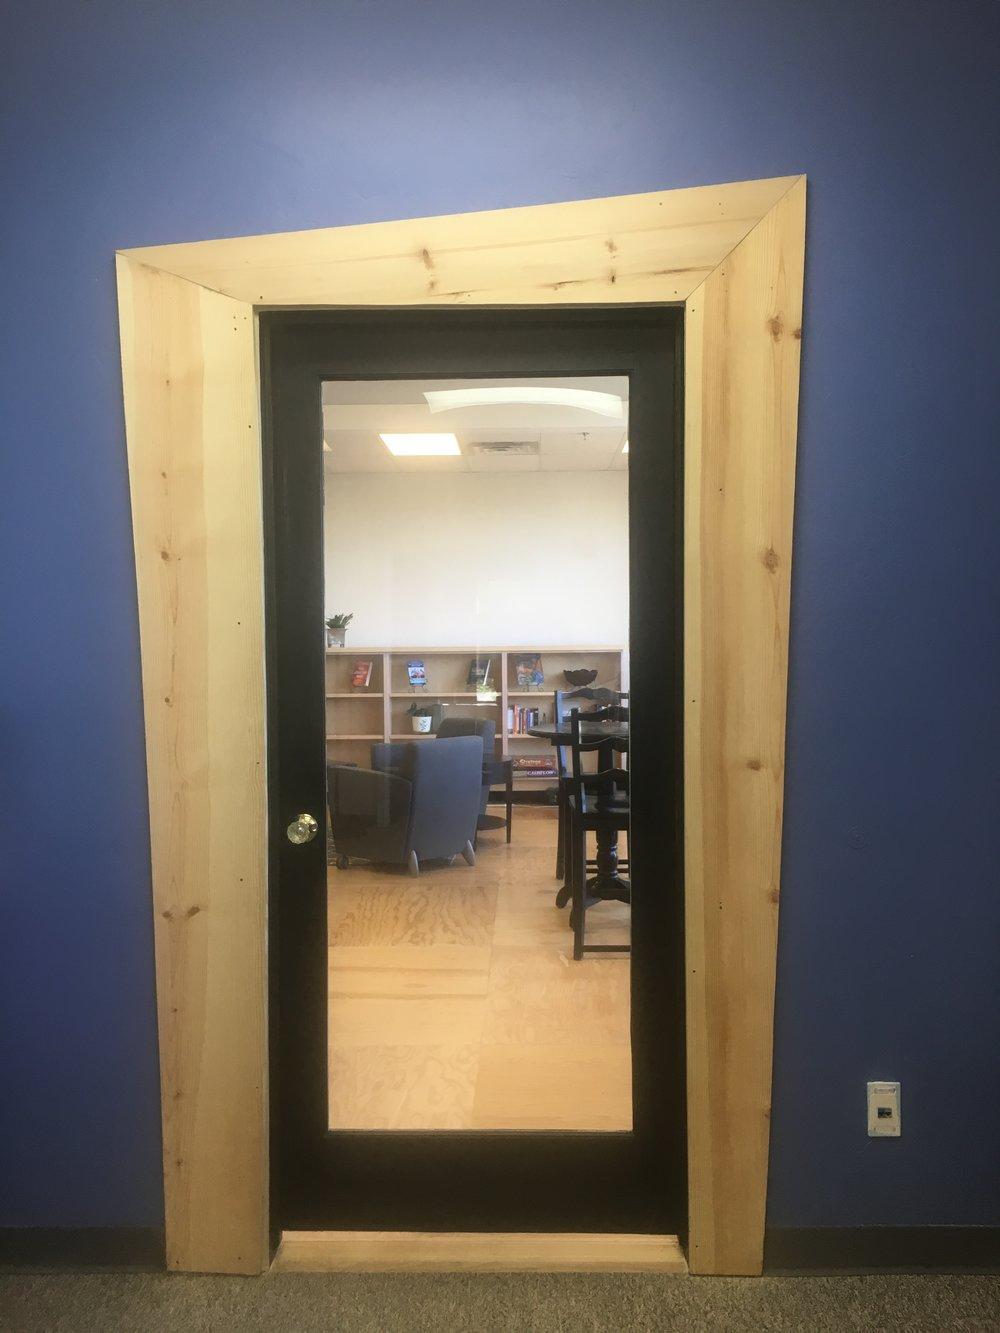 We love our Dr. Seuss inspired door.